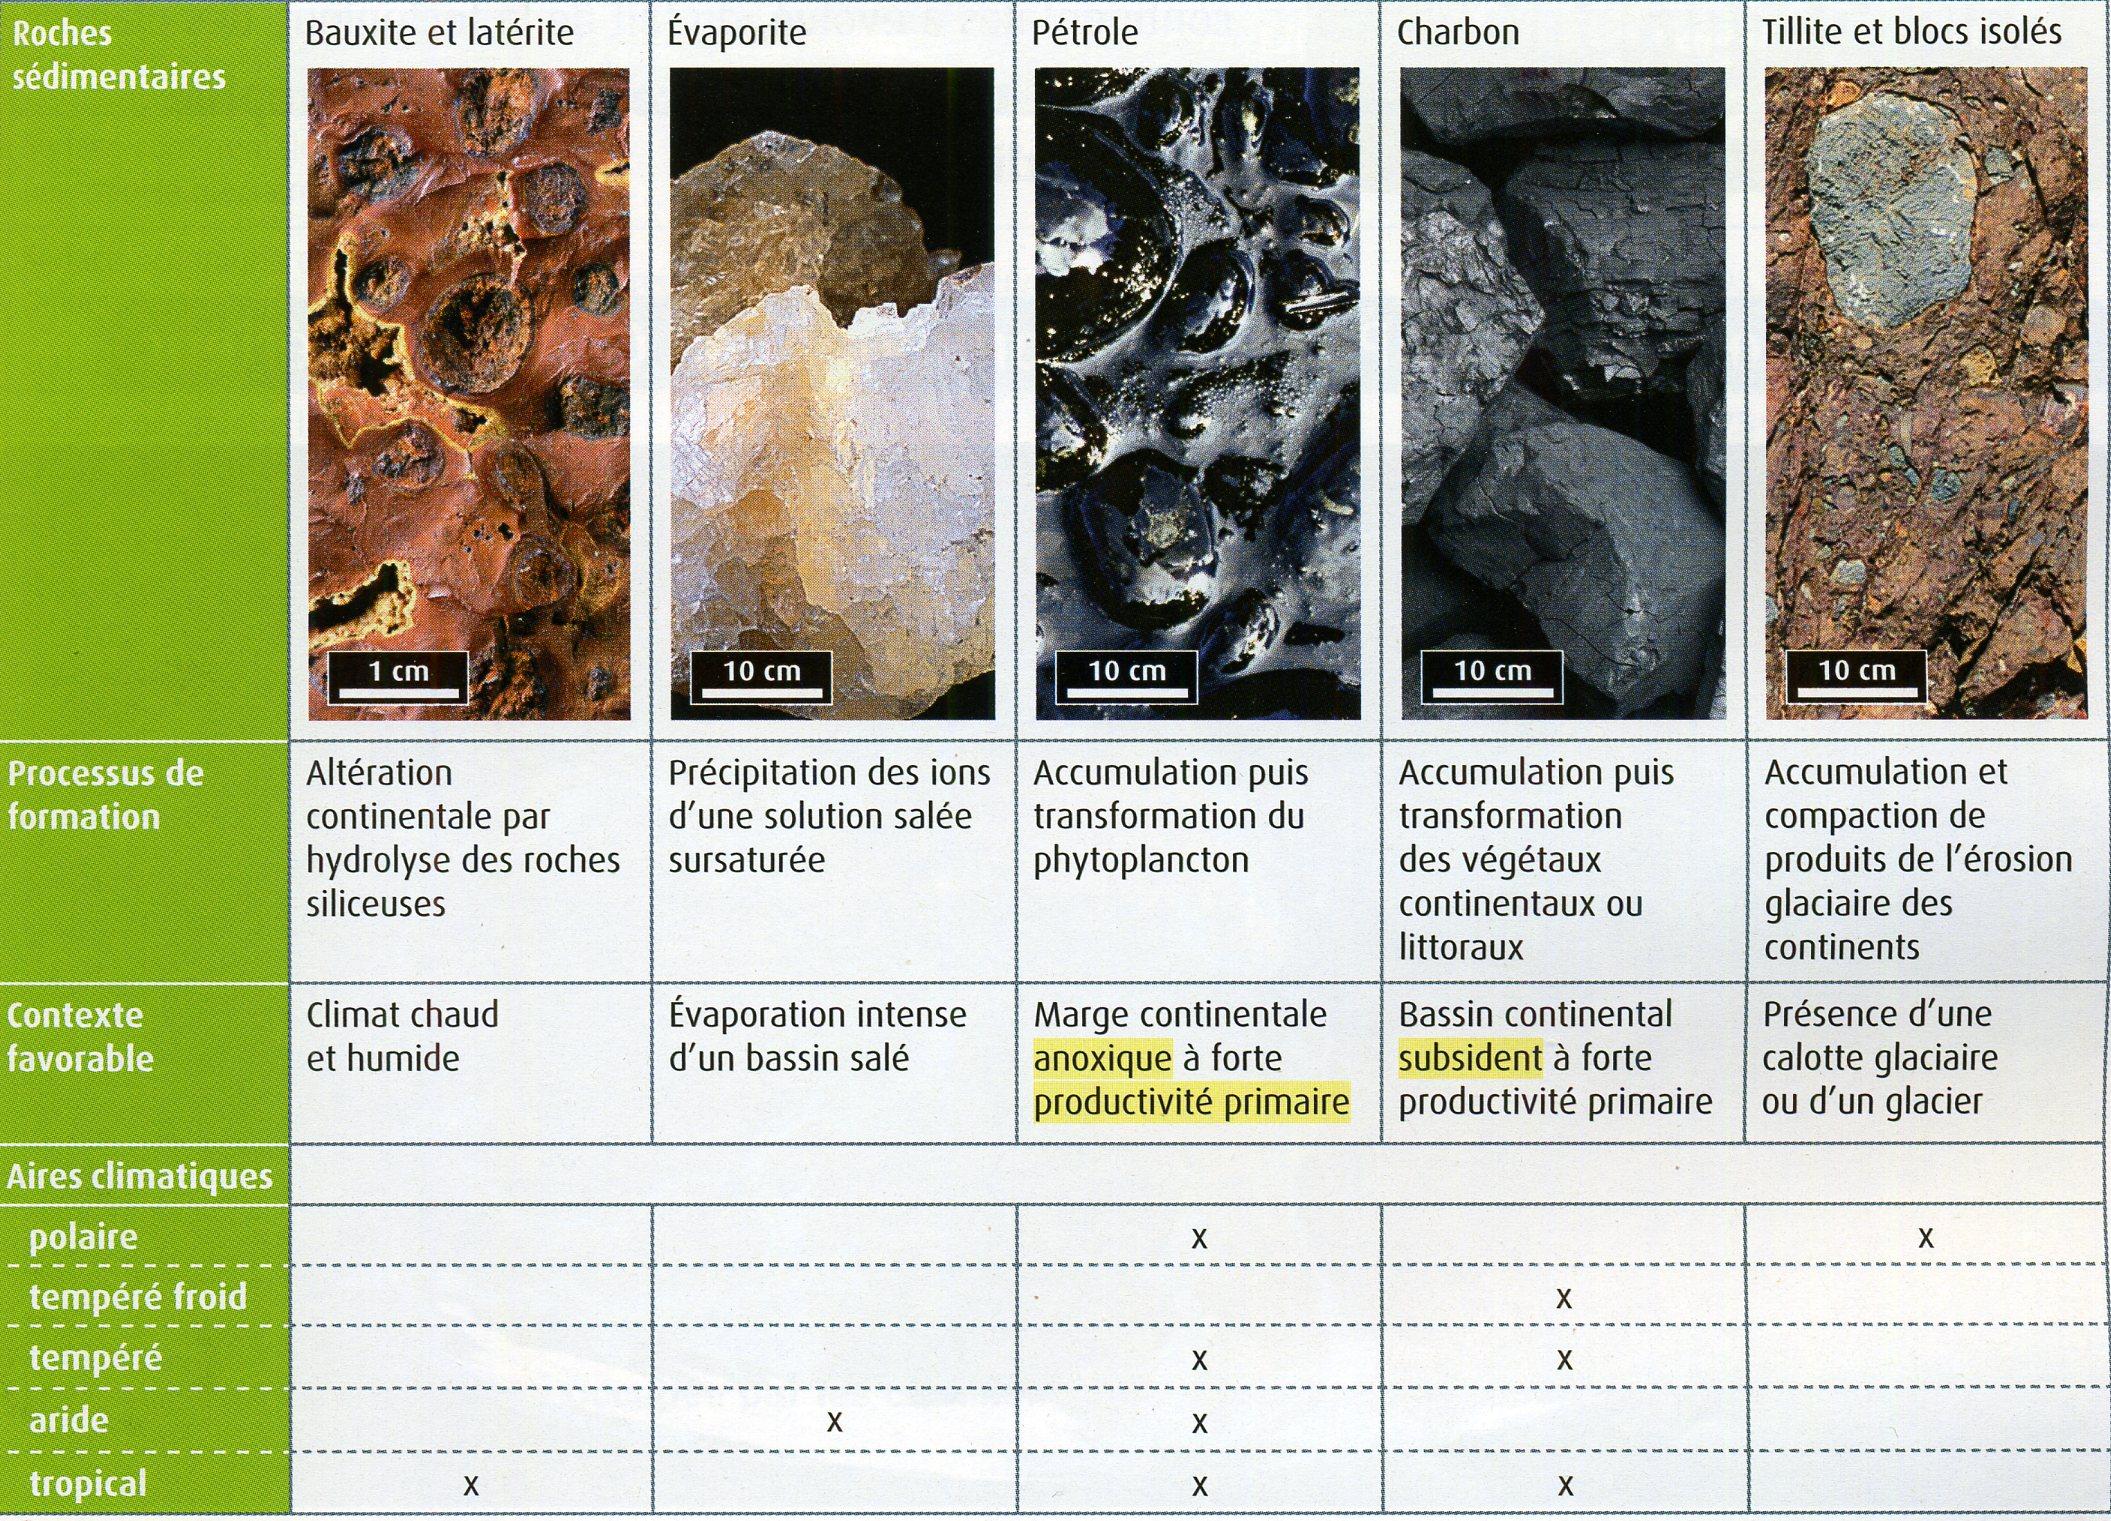 Roches sédimentaires et climat